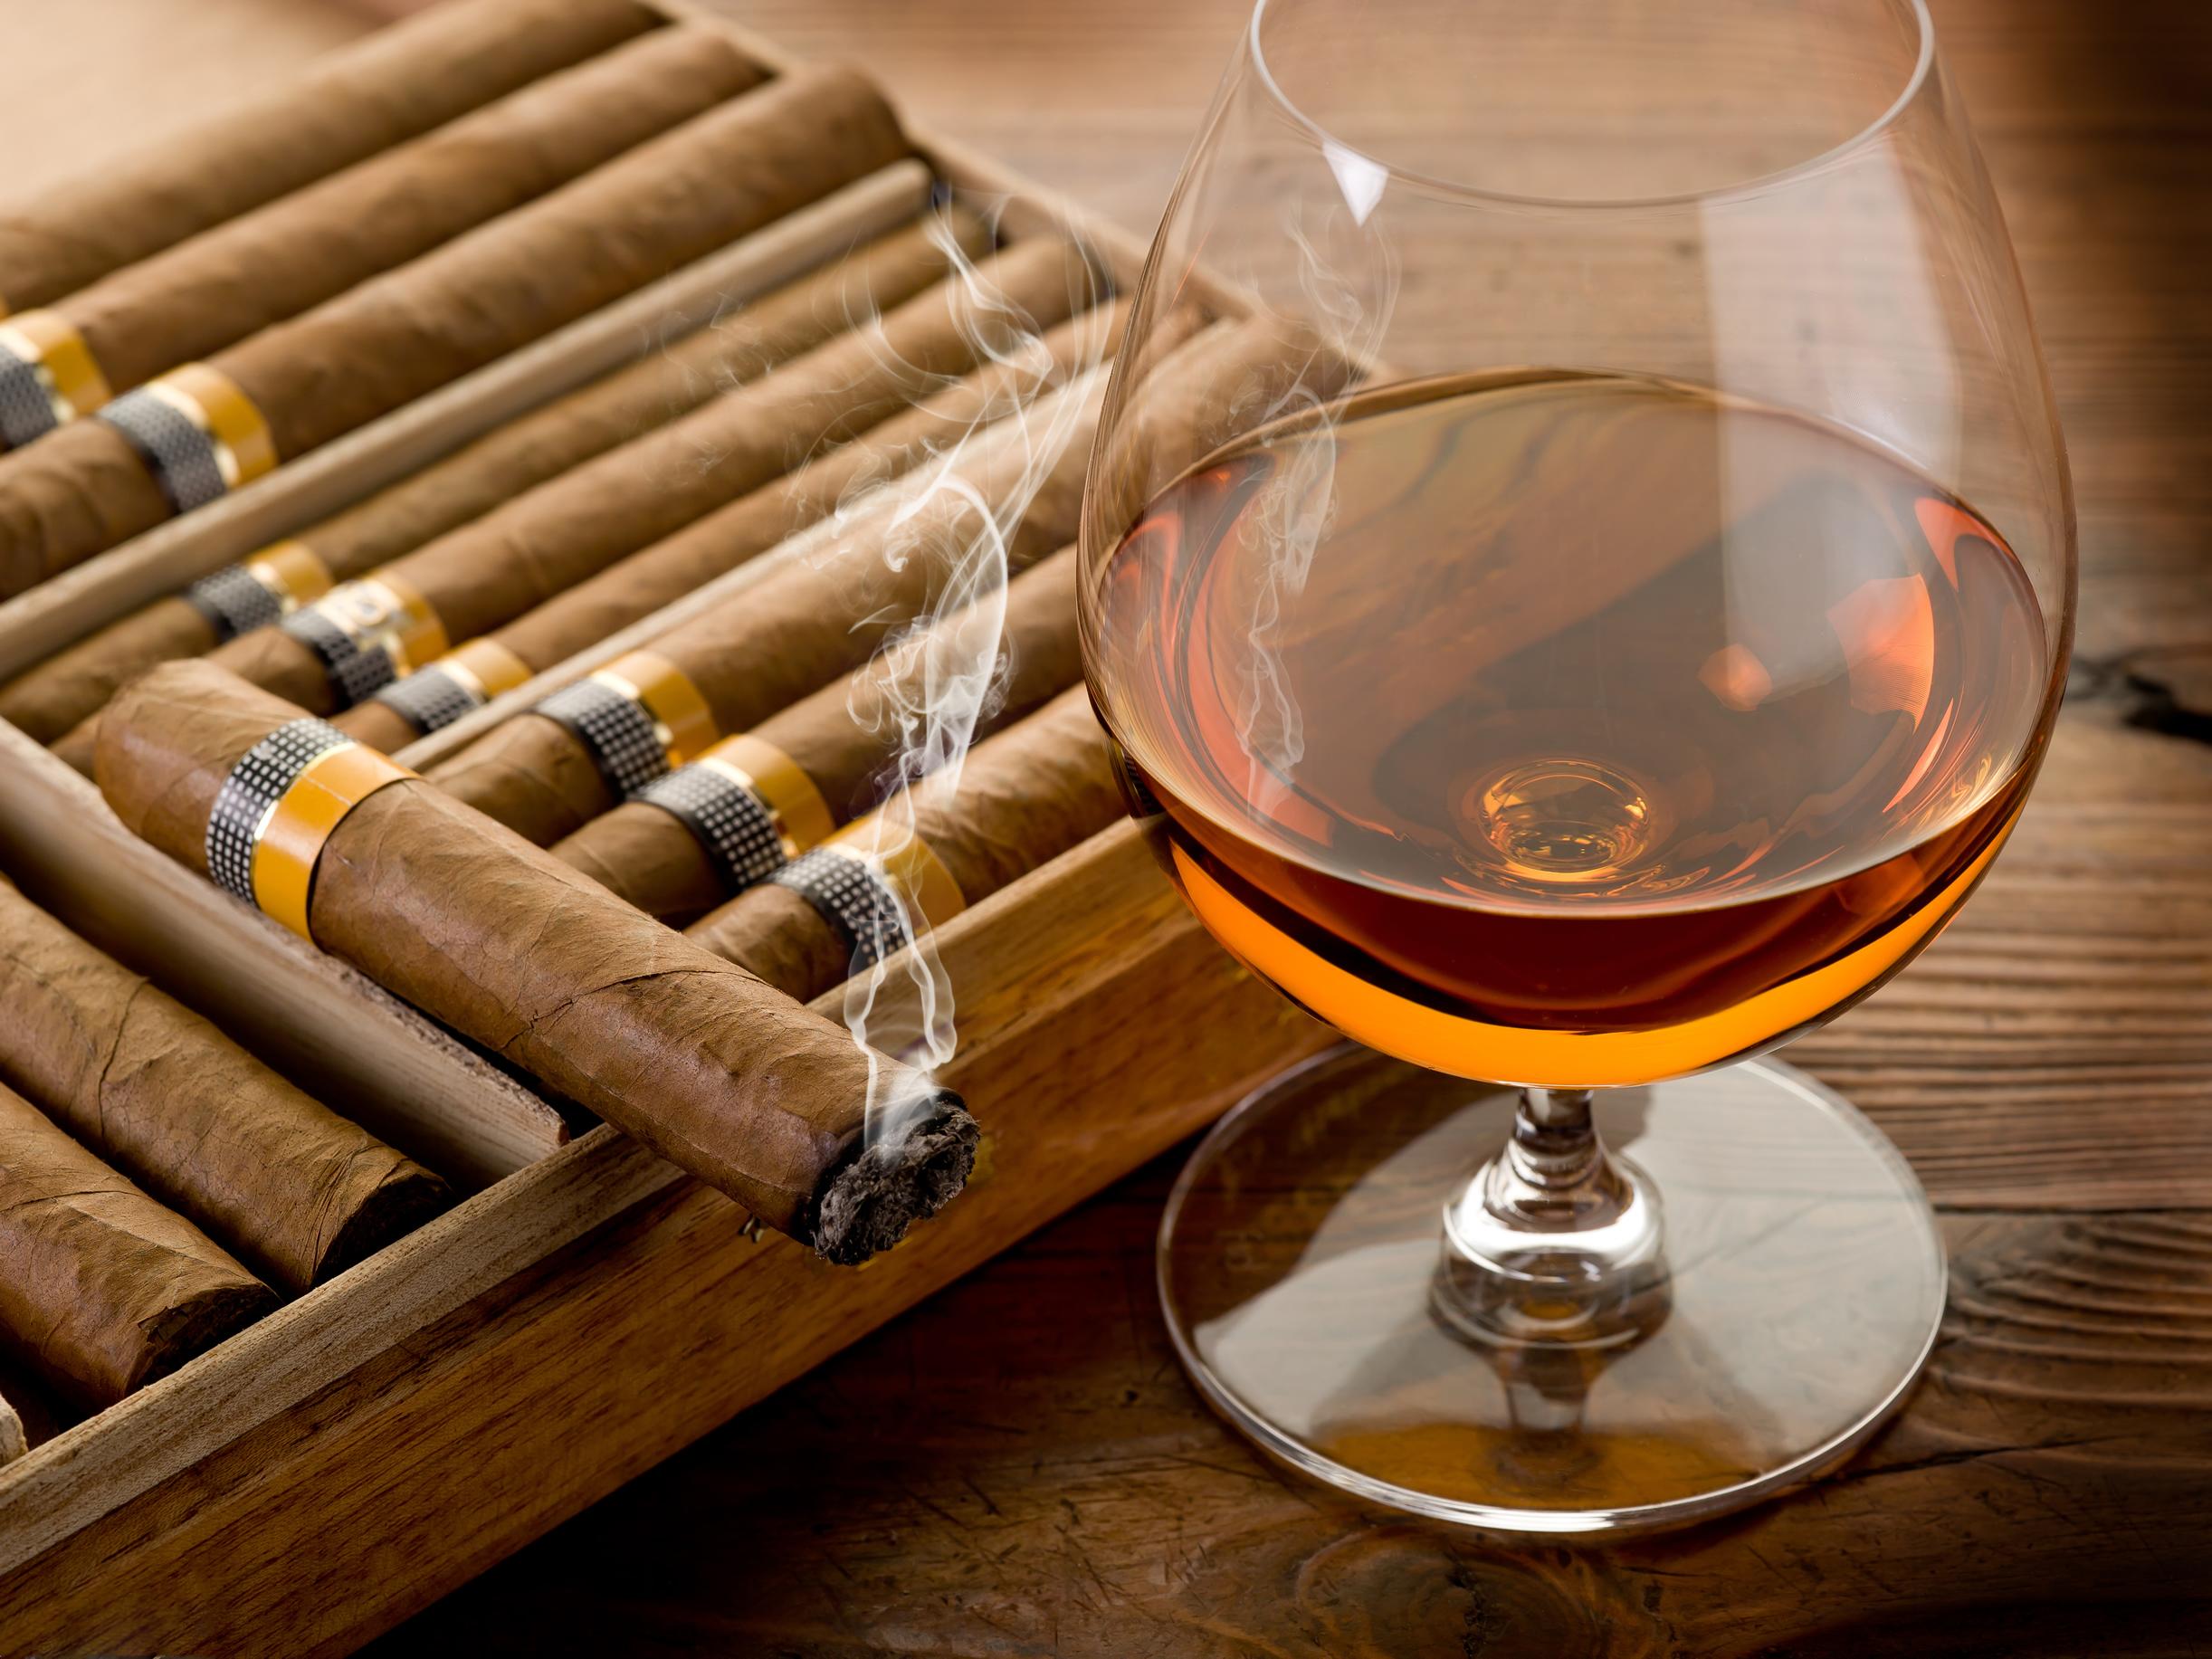 коньяк и сигары, скачать фото, обои на рабочий стол